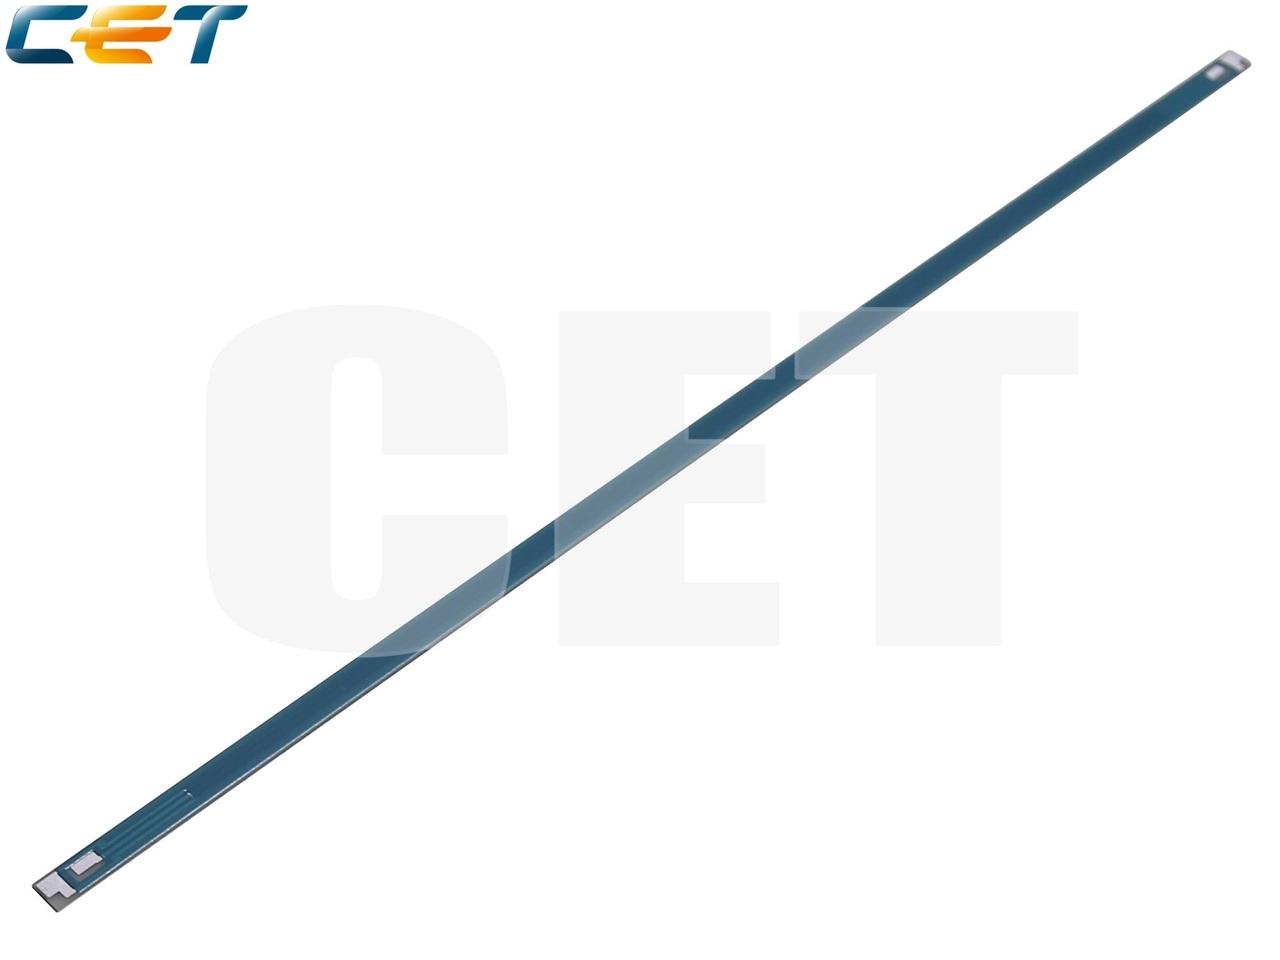 Нагревательный элемент для CANON IR ADVANCEC5030/5035/5045/5051/5235/5240/5250/5255 (CET), CET5281